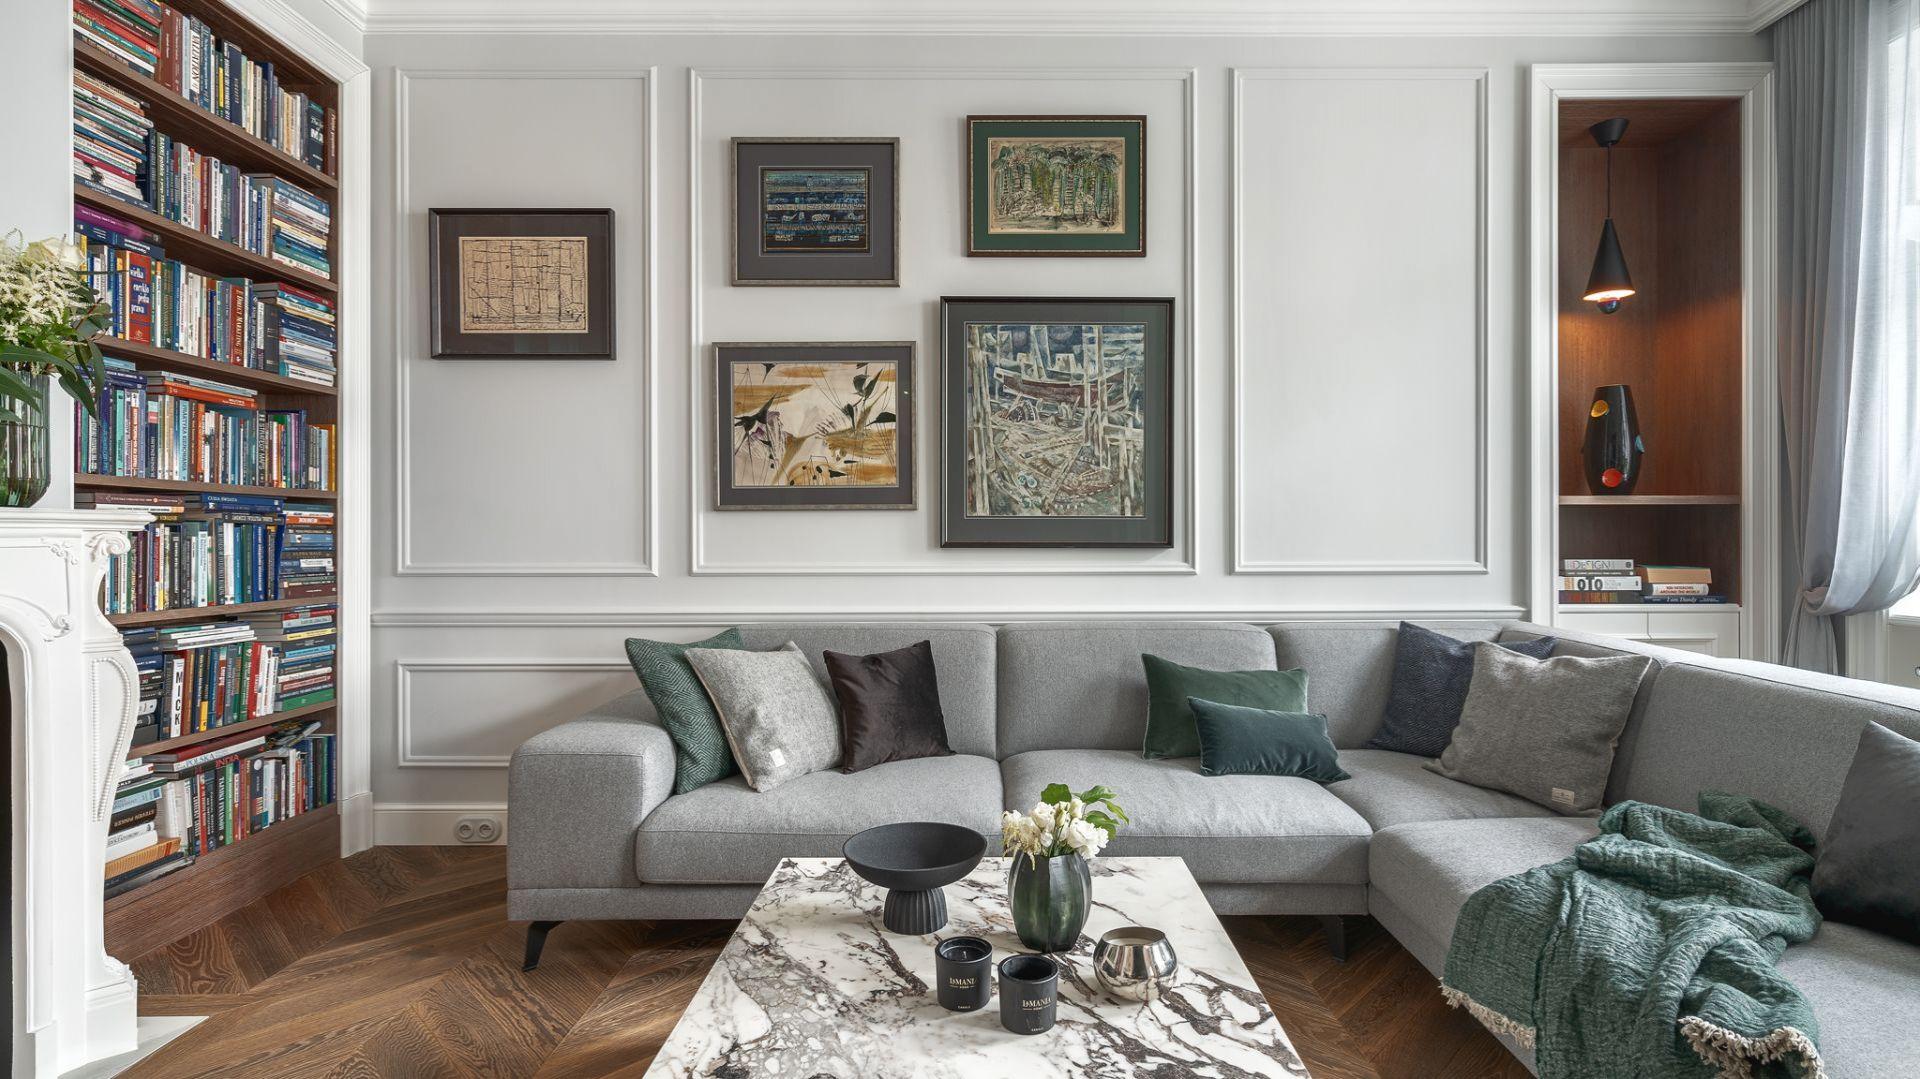 Jasnoszara kanapa świetnie wygląda także w klasycznym wnętrzu, tu akurat na tle sztukaterii. Kanapa Nobonobo, projekt by Whitecastle.pl, fot.  Tom Kurek